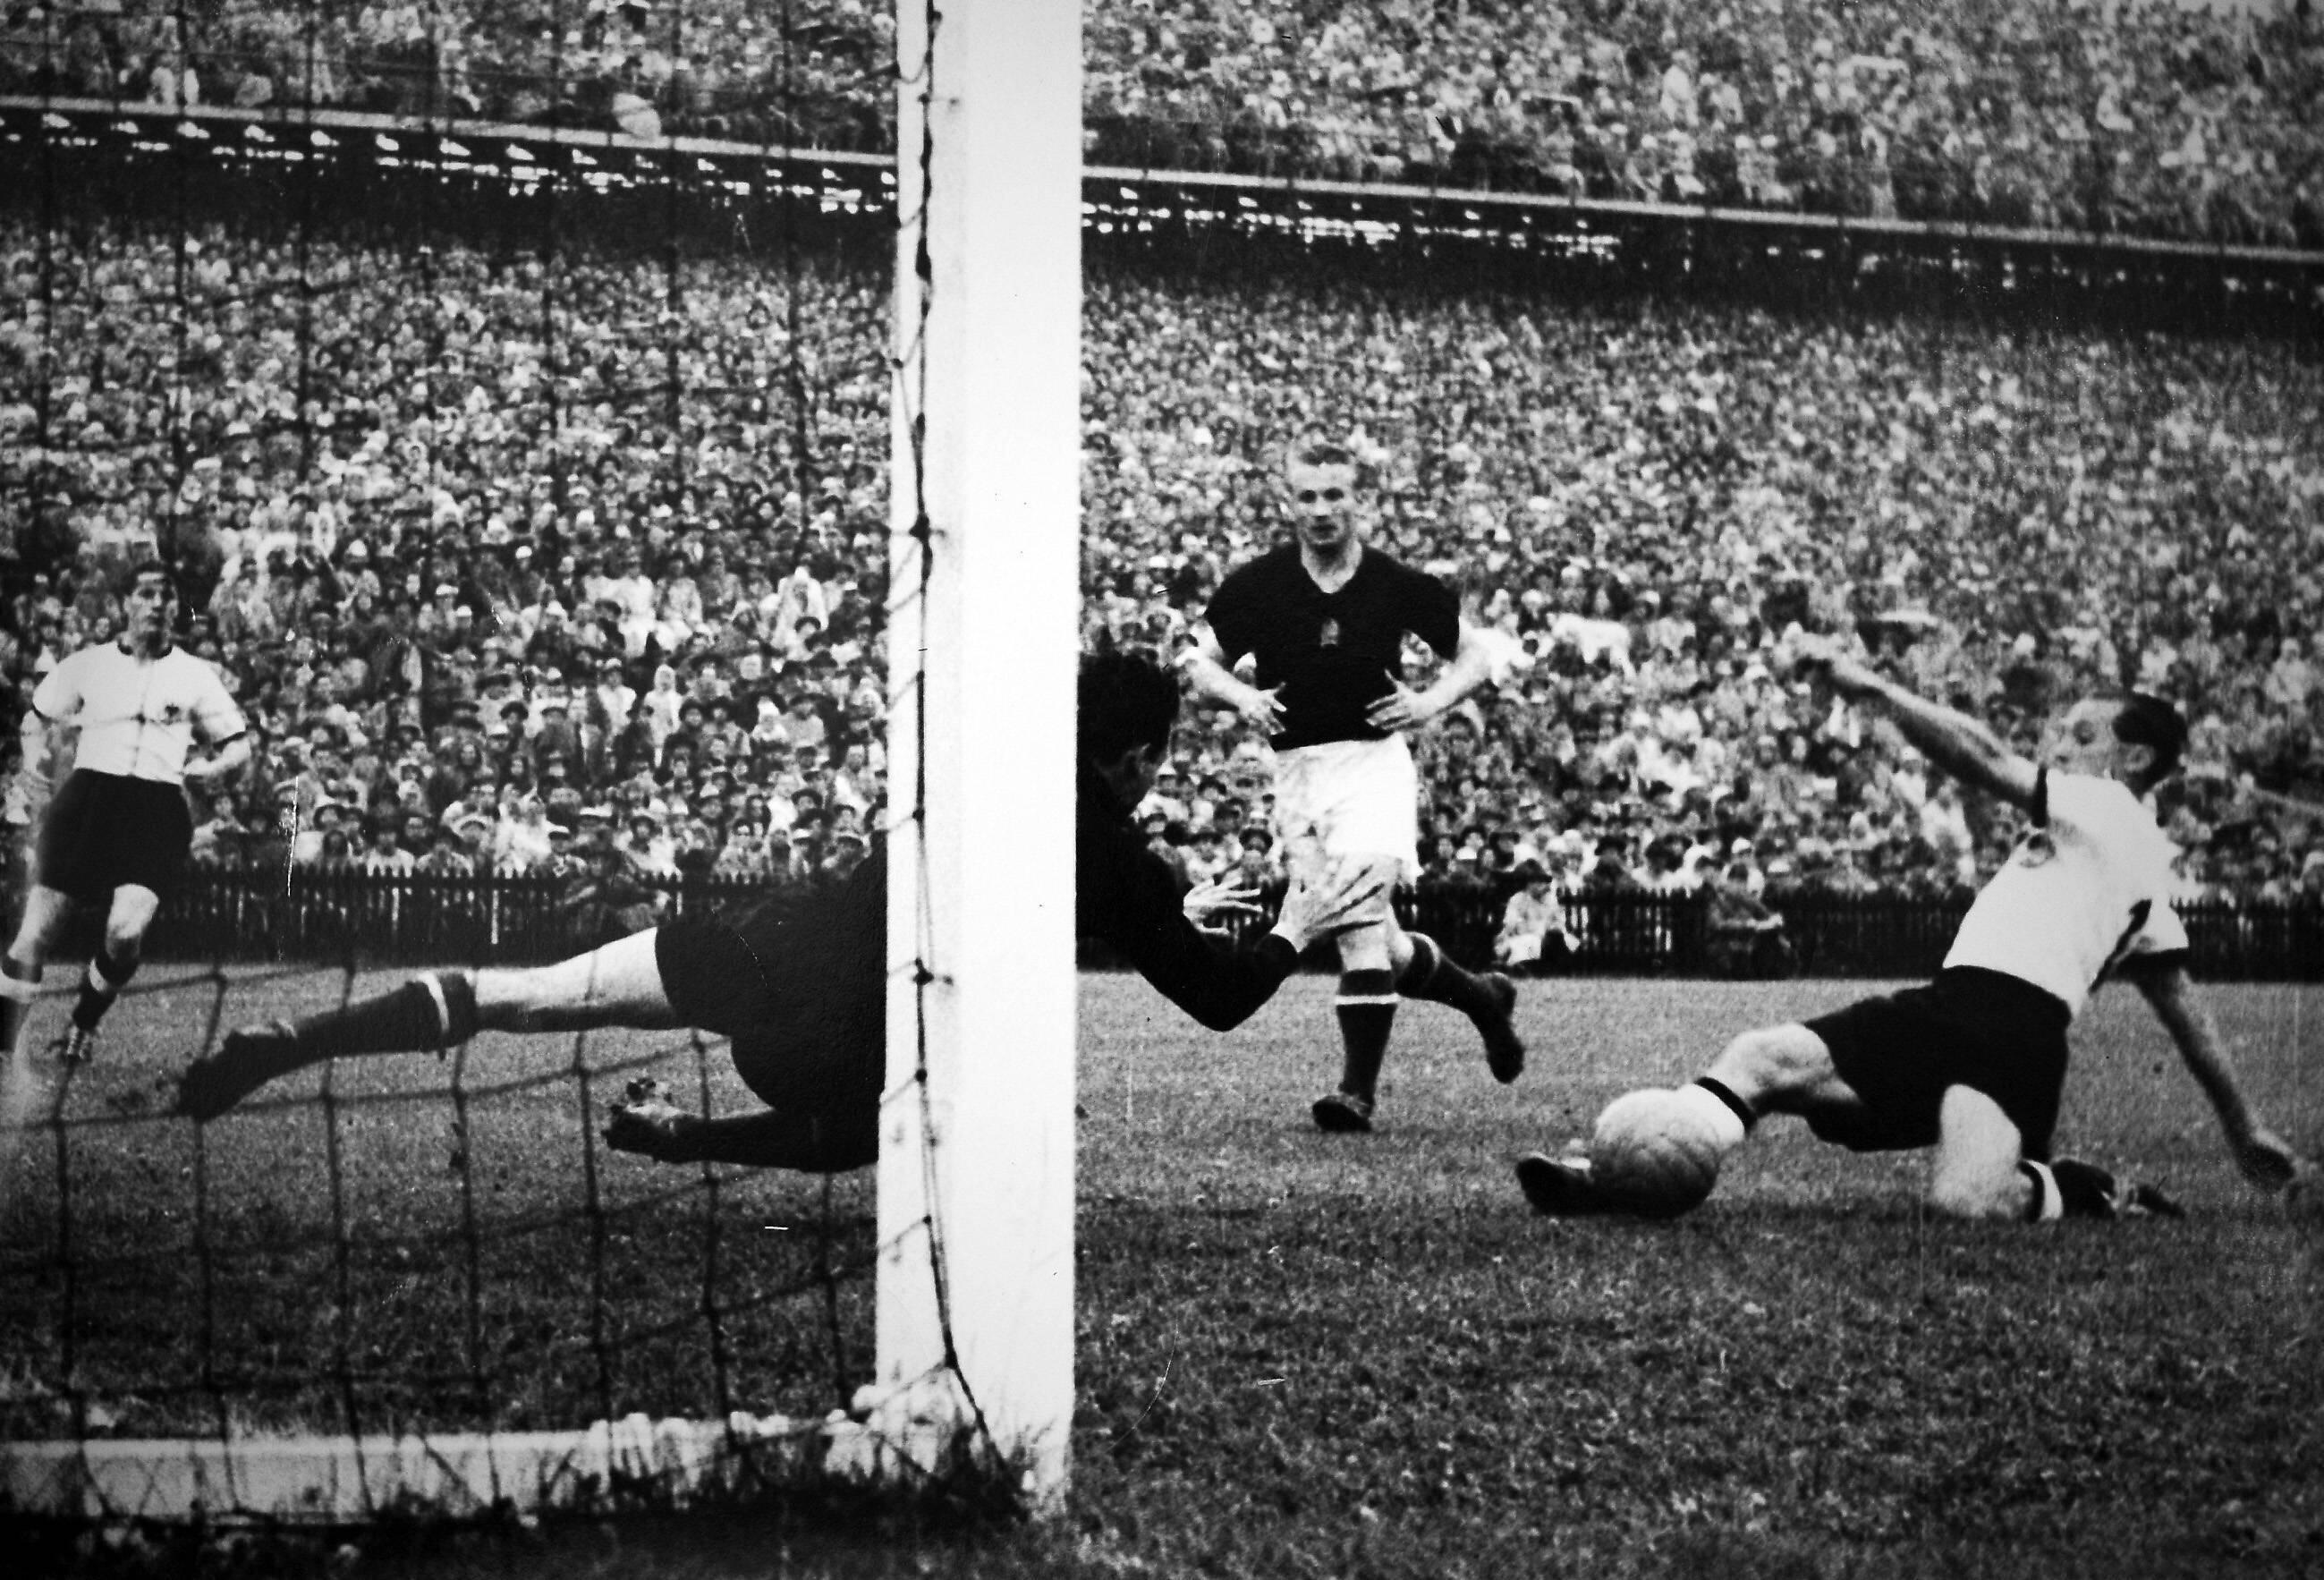 Bild zu WM 1954, Bern, Schweiz, Deutschland, Ungarn, Endspiel, Finale, Bern, Max Morlock, Gyula Grosics